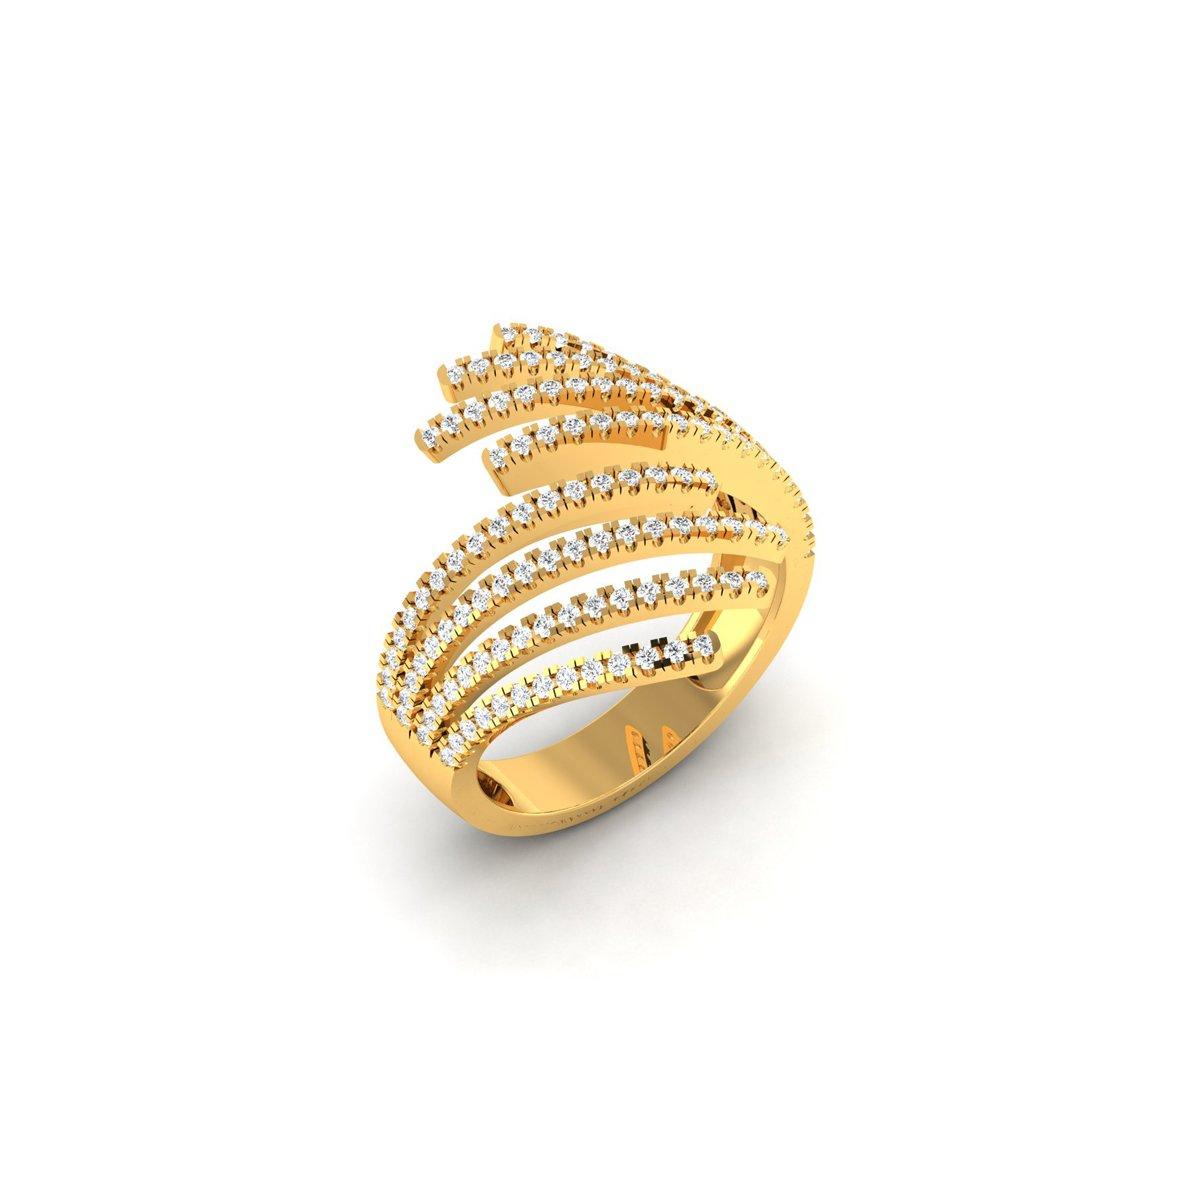 Aural Diamond Ring